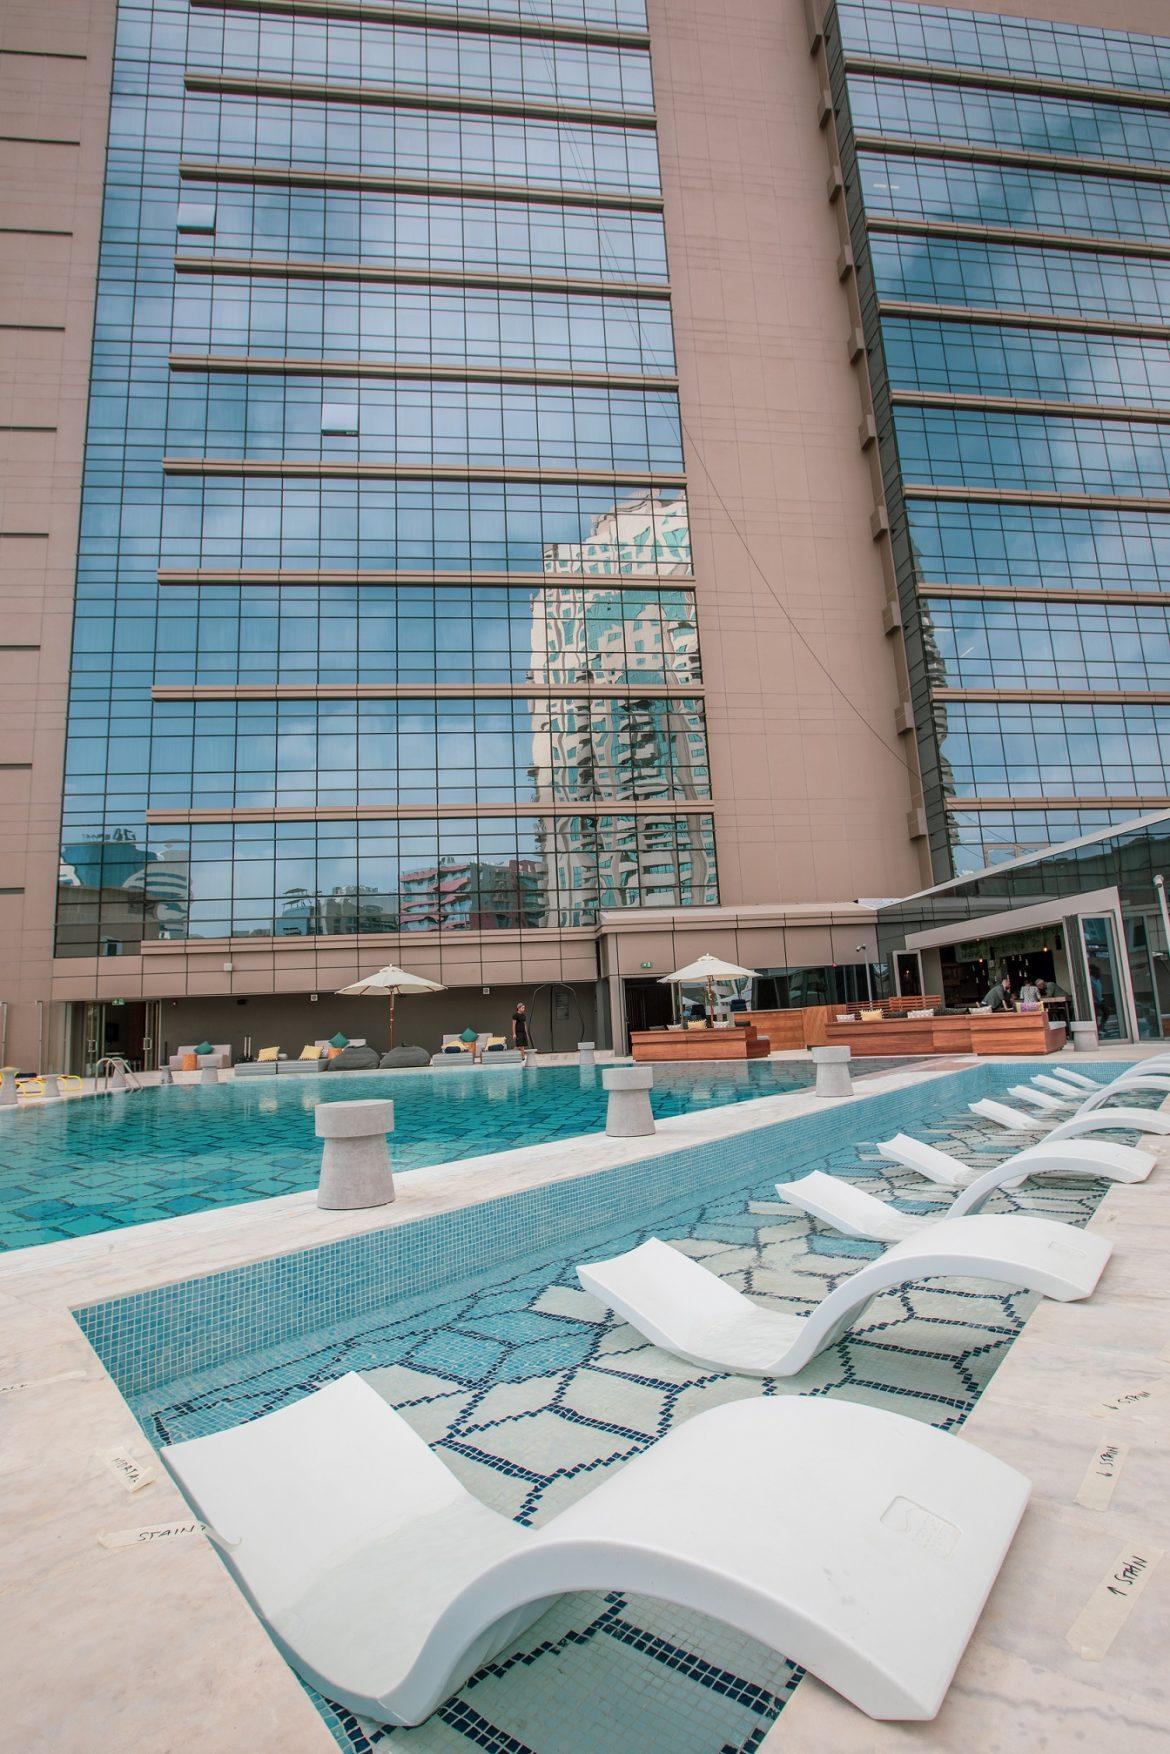 عروض فندق زعبيل هاوس من جميرا الروضة إحتفالاً بعيد الأضحى 2019